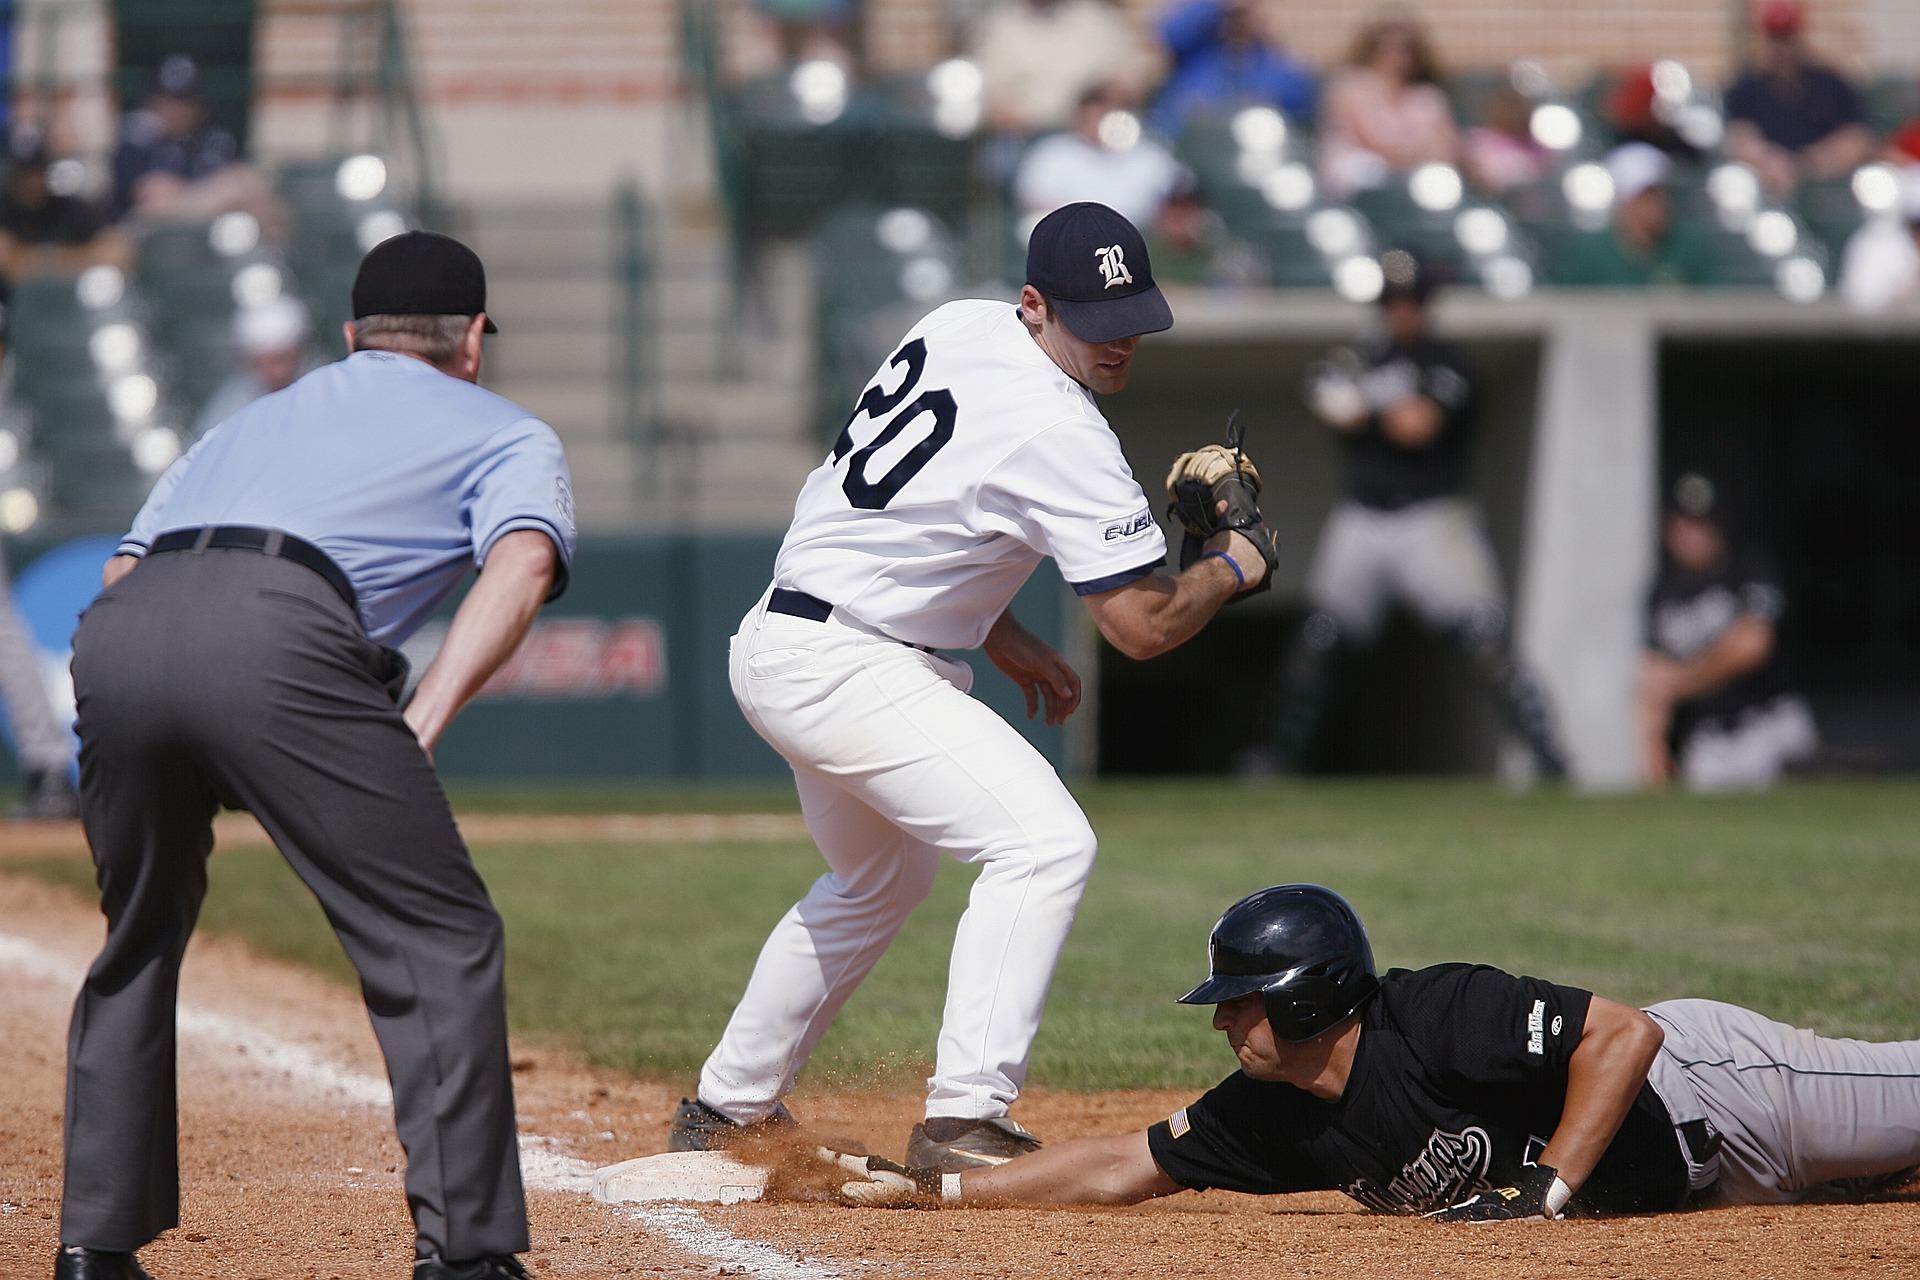 baseball-1634500_1920.jpg